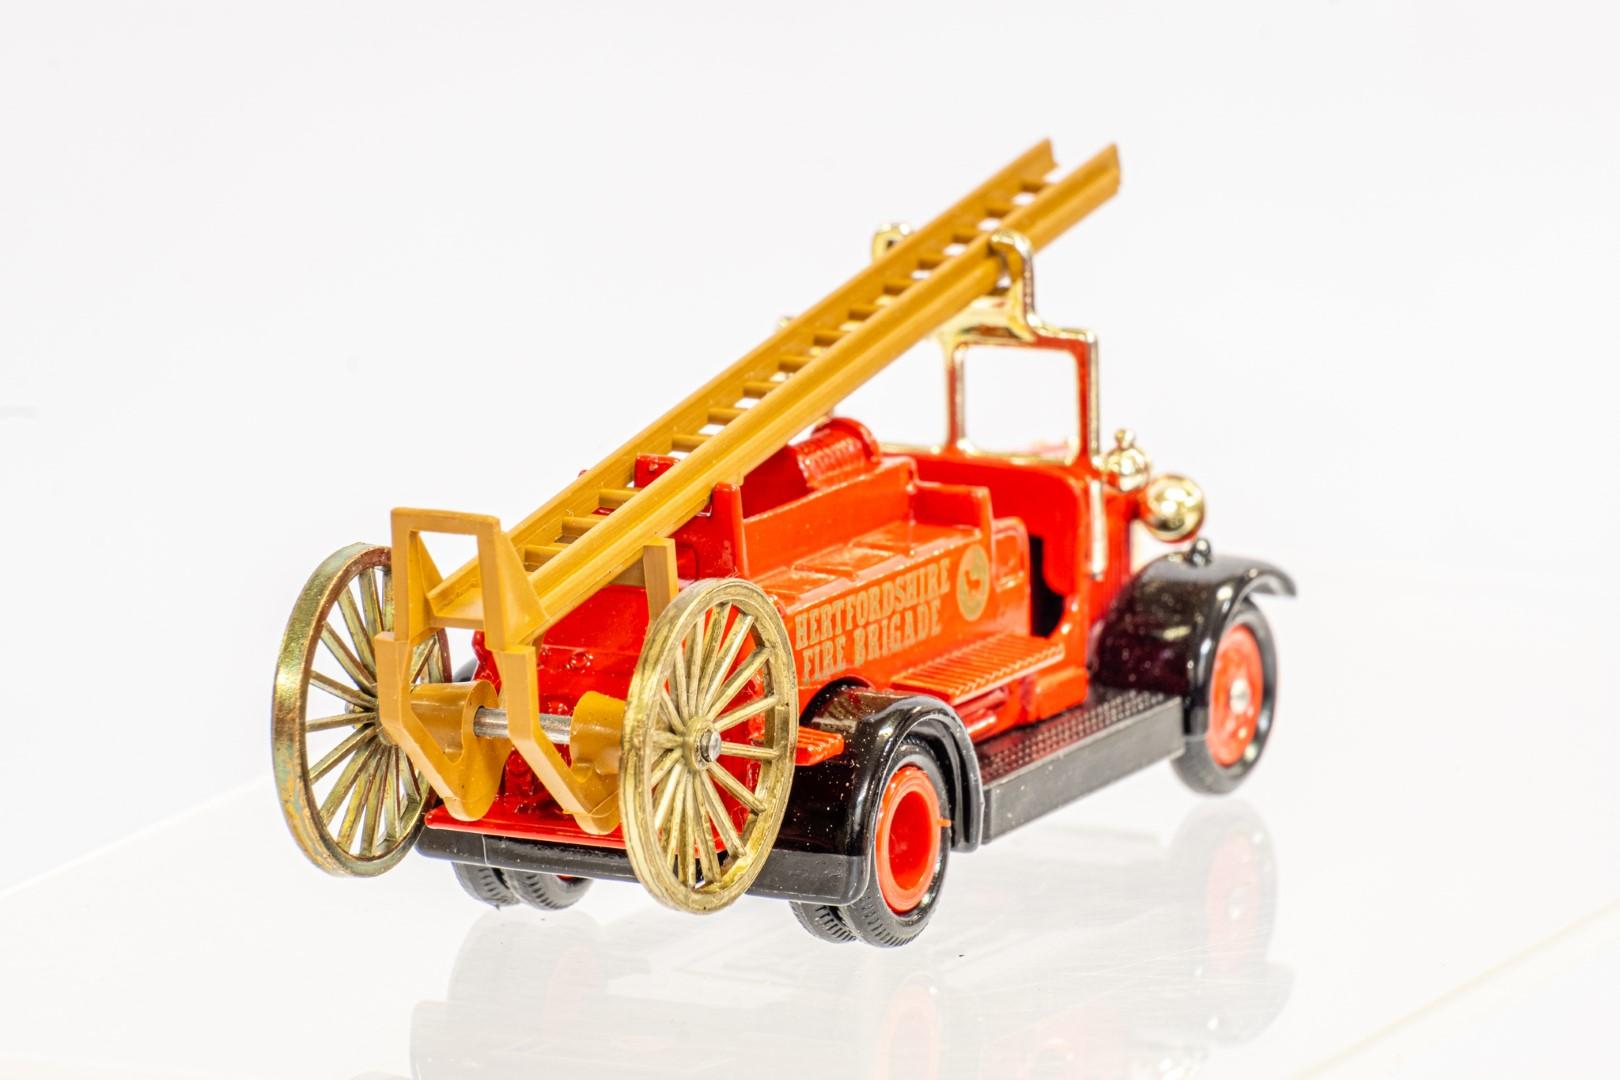 Lledo & Atlas AEC Regent III Fire Engine & Herts Fire Brigade - Image 11 of 11